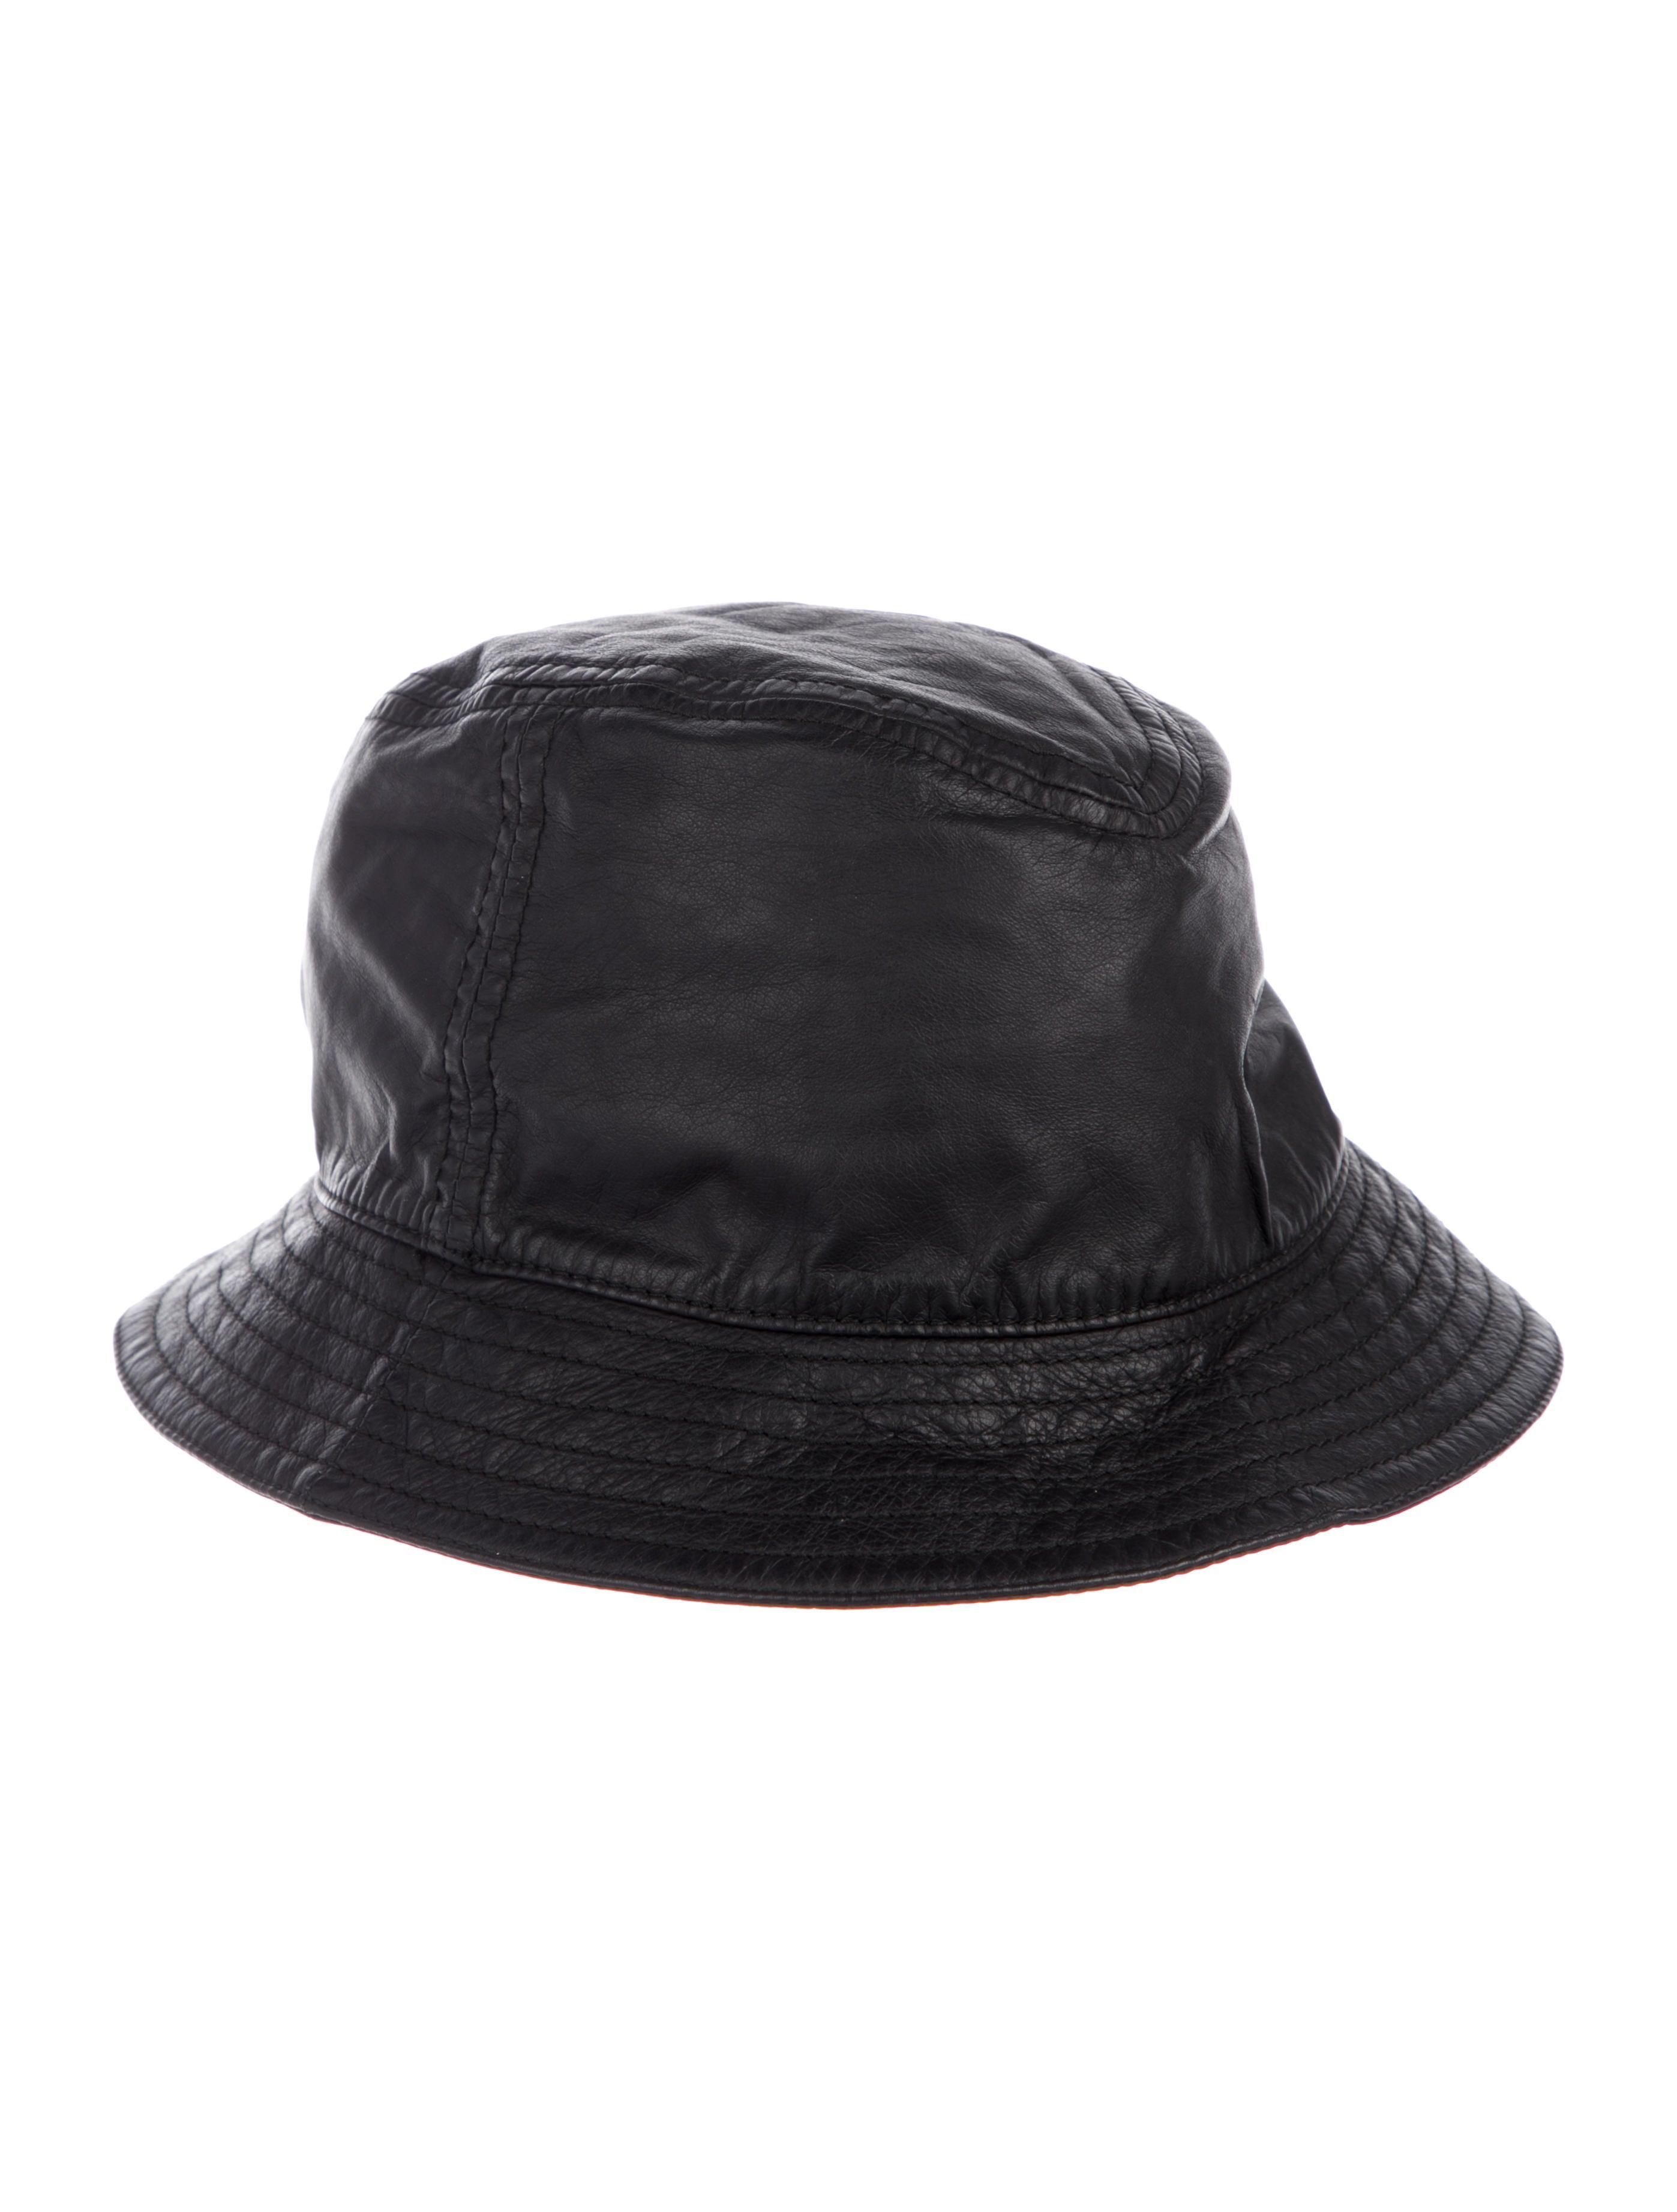 Gucci Web-Accented Leather Bucket Hat - Accessories - GUC240697 ... f9e327e0bf8